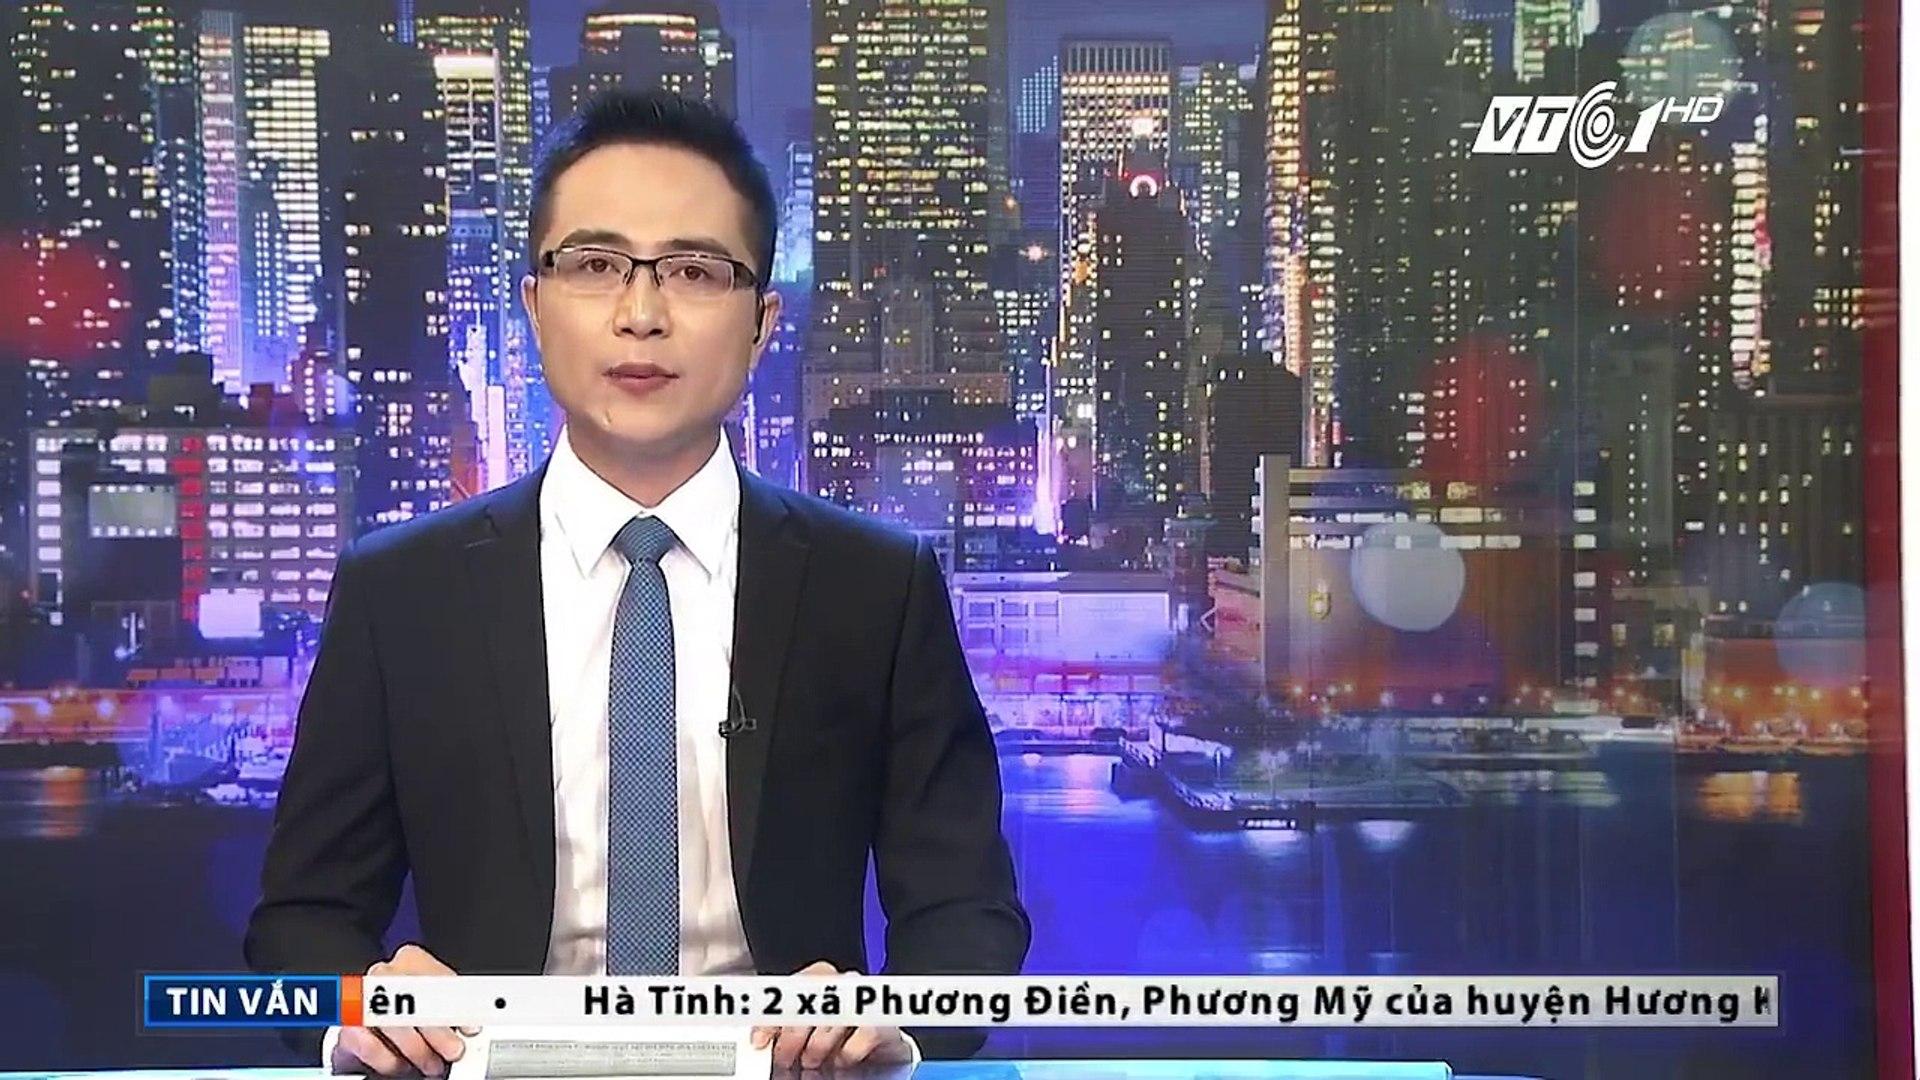 Ngân Hàng BIDV Lừa Đảo, Chiếm Đoạt 32 Tỷ Đồng Từ 1 Khách Hàng